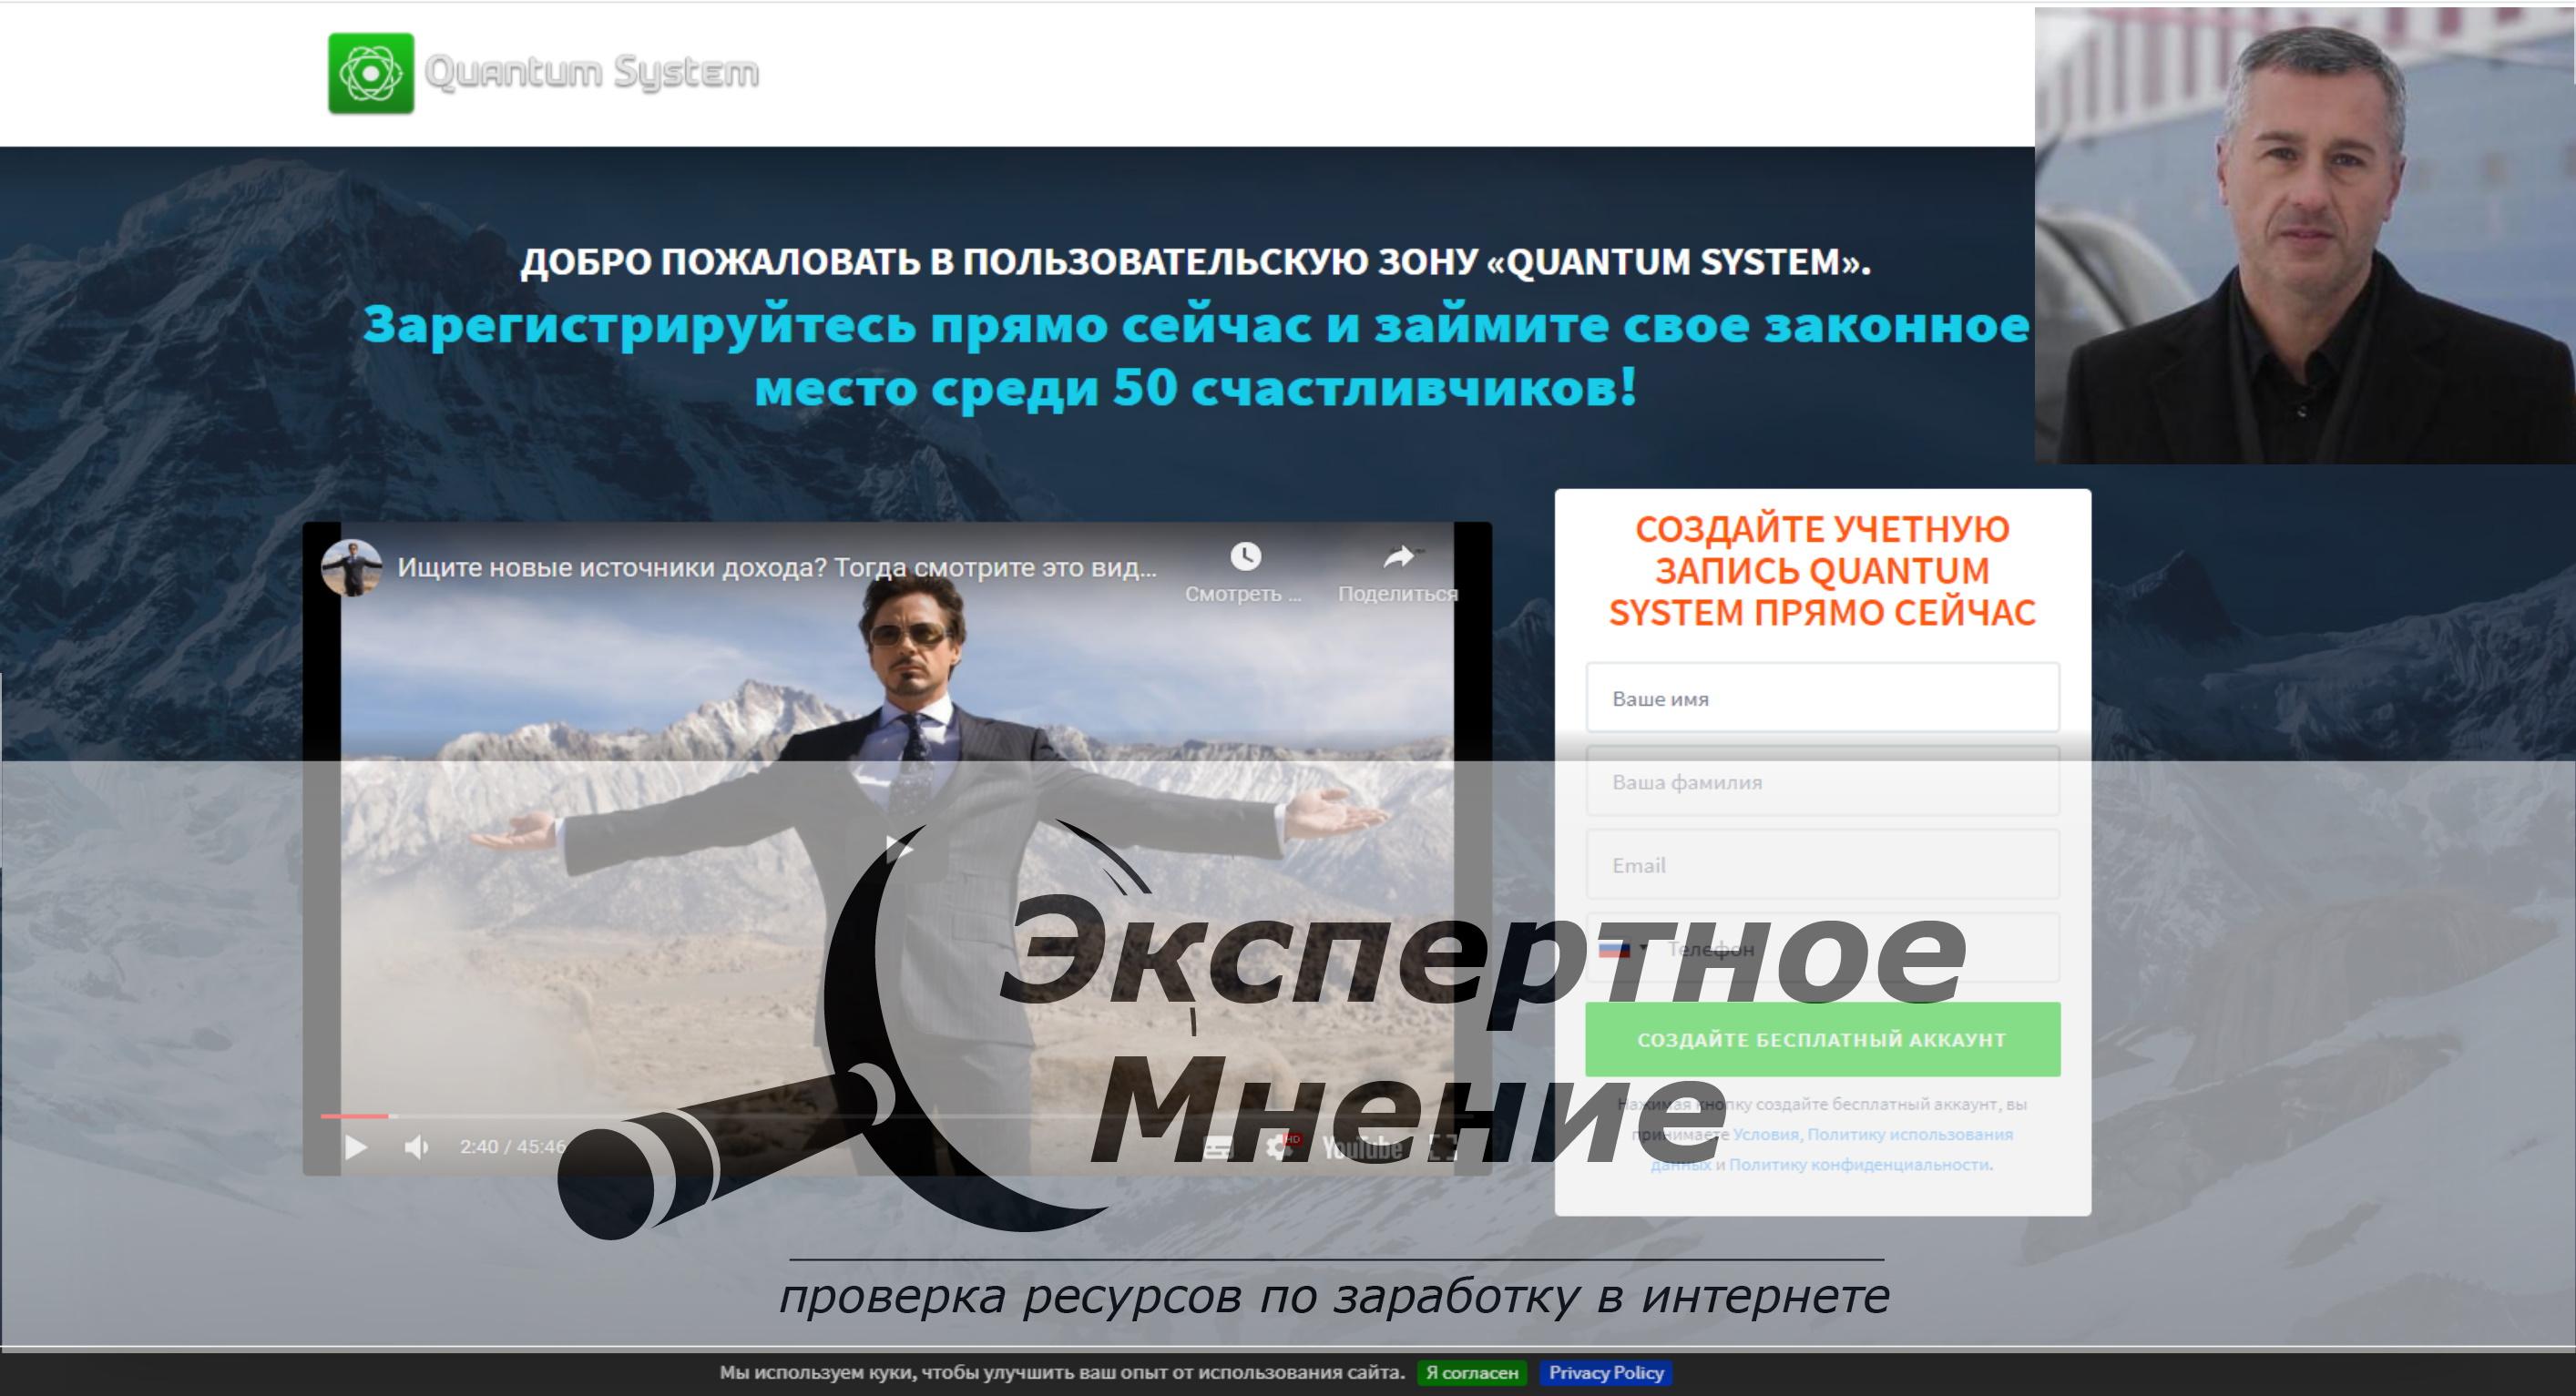 QUANTUM SYSTEM Евгений Абрамов отзывы